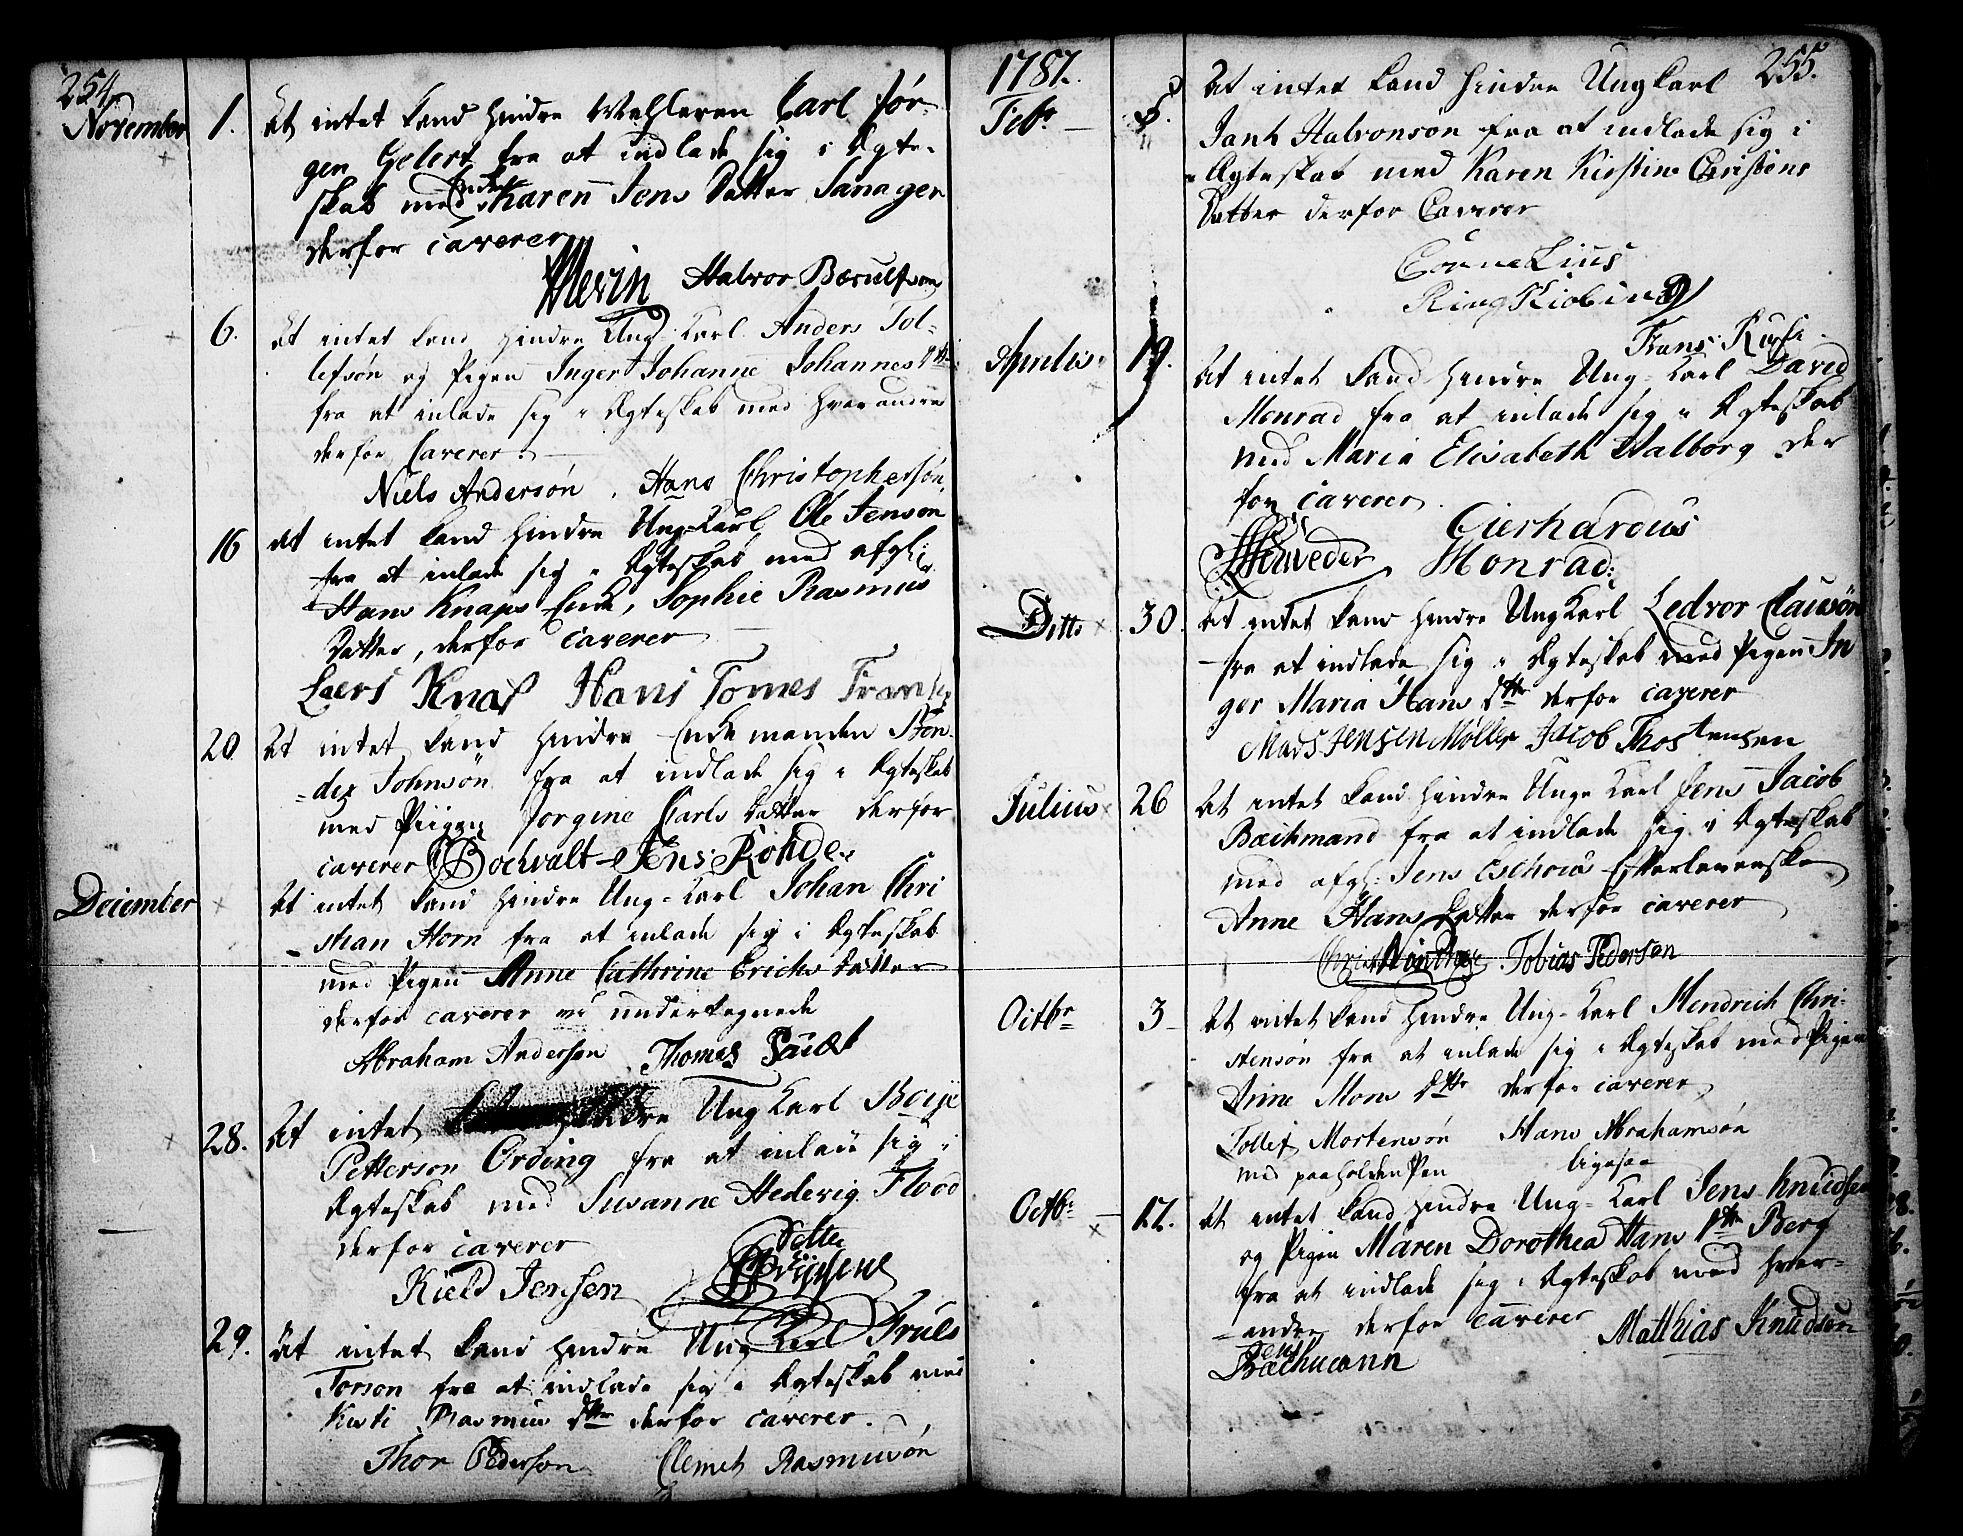 SAKO, Skien kirkebøker, F/Fa/L0003: Ministerialbok nr. 3, 1755-1791, s. 254-255